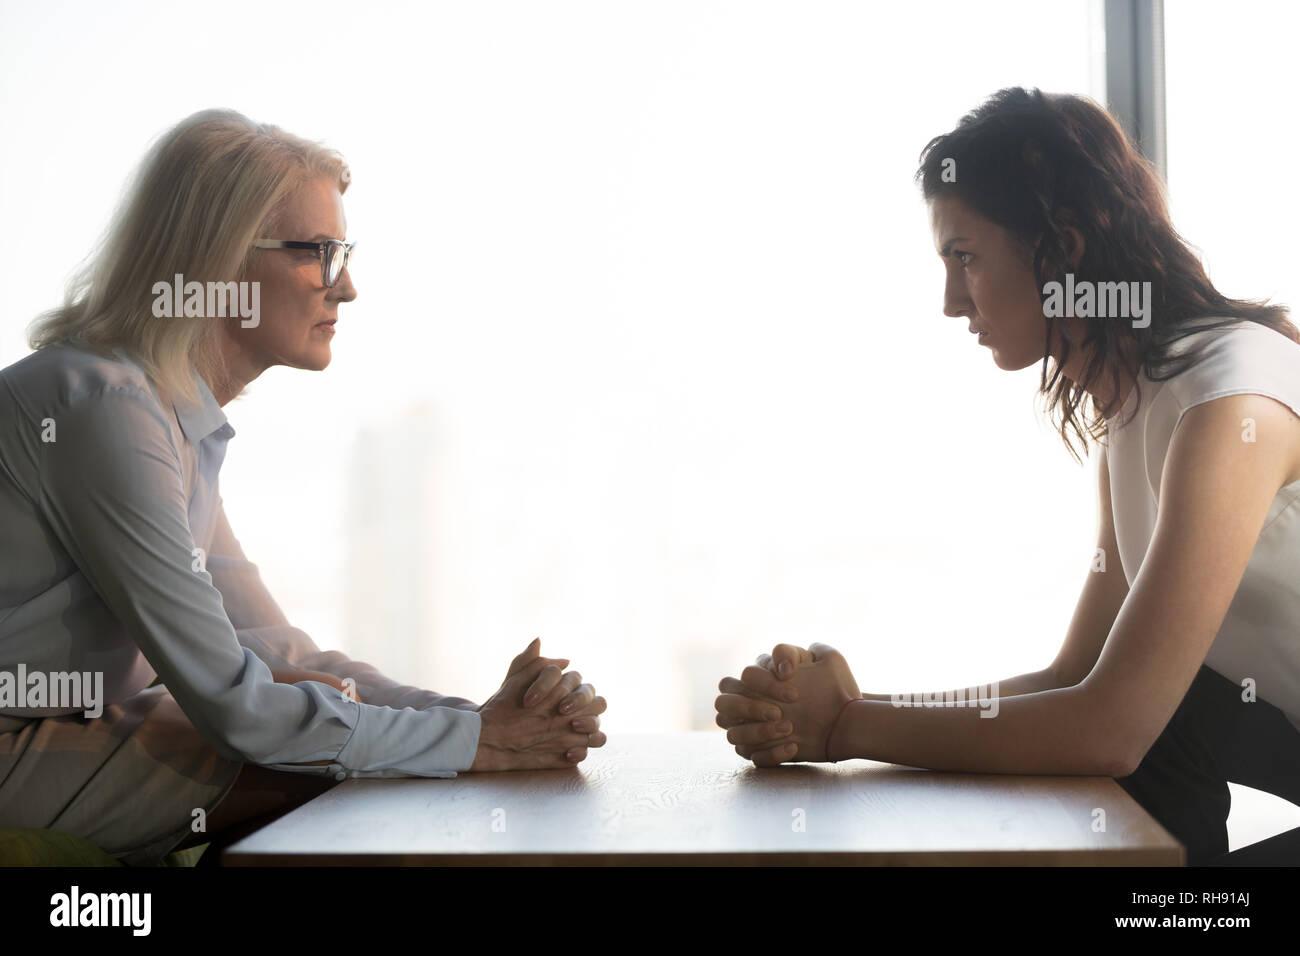 Jung und Alt Geschäftsfrauen gegenüber sitzt, Generationen Konflikte am Arbeitsplatz Stockbild